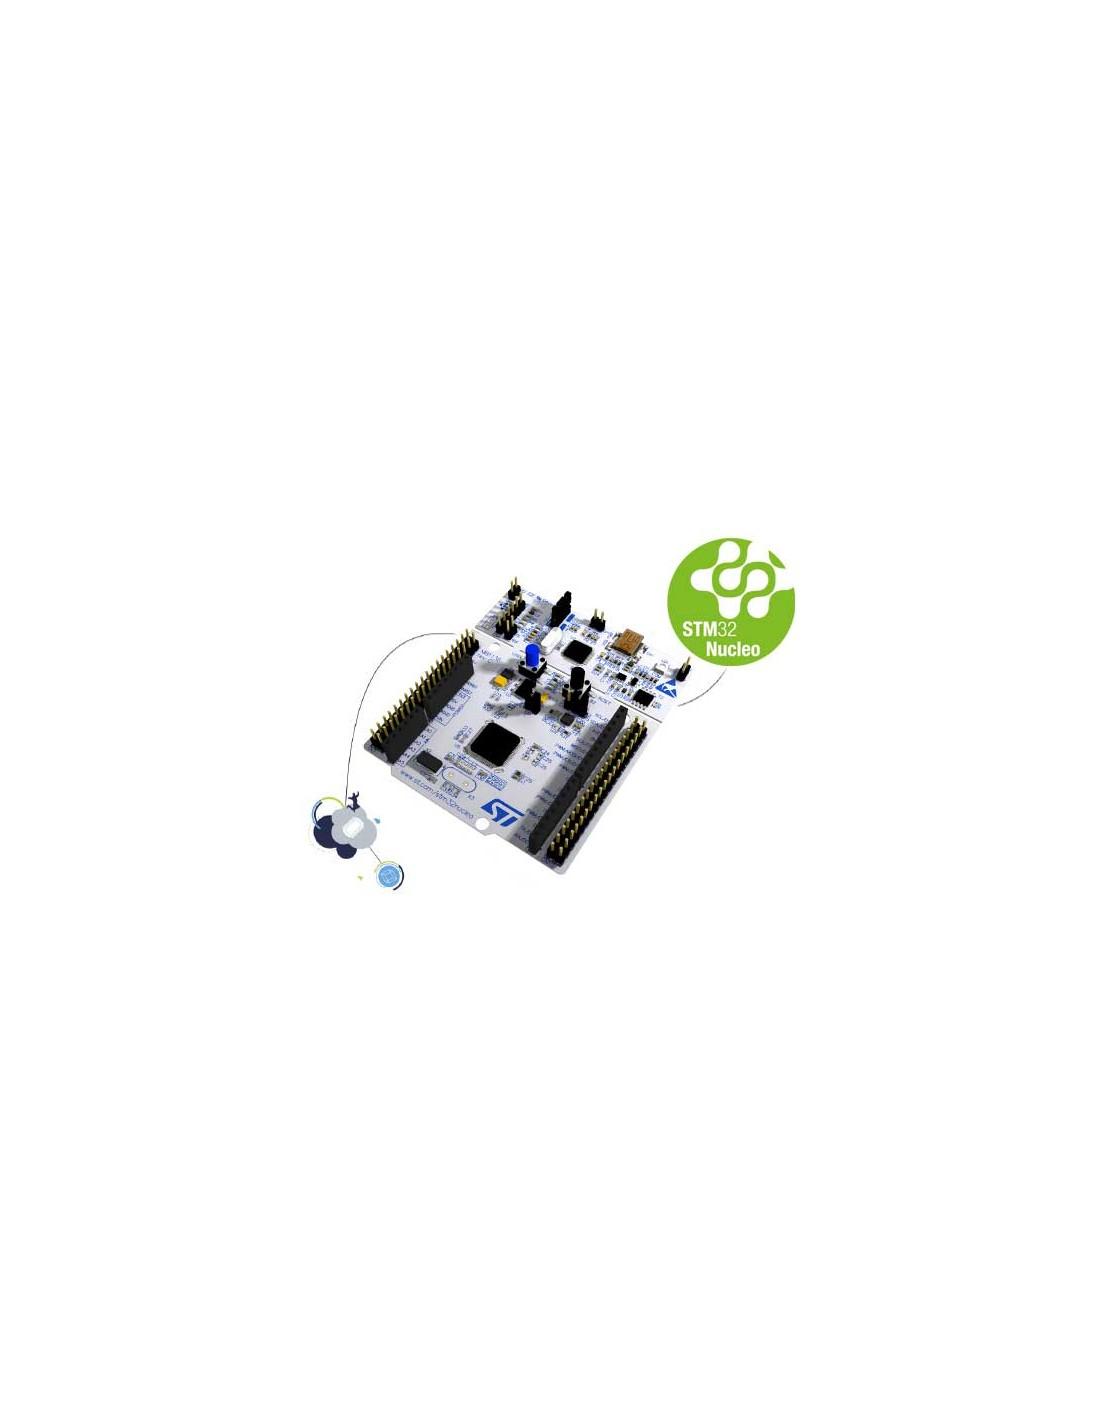 Stm32 Vs Arduino